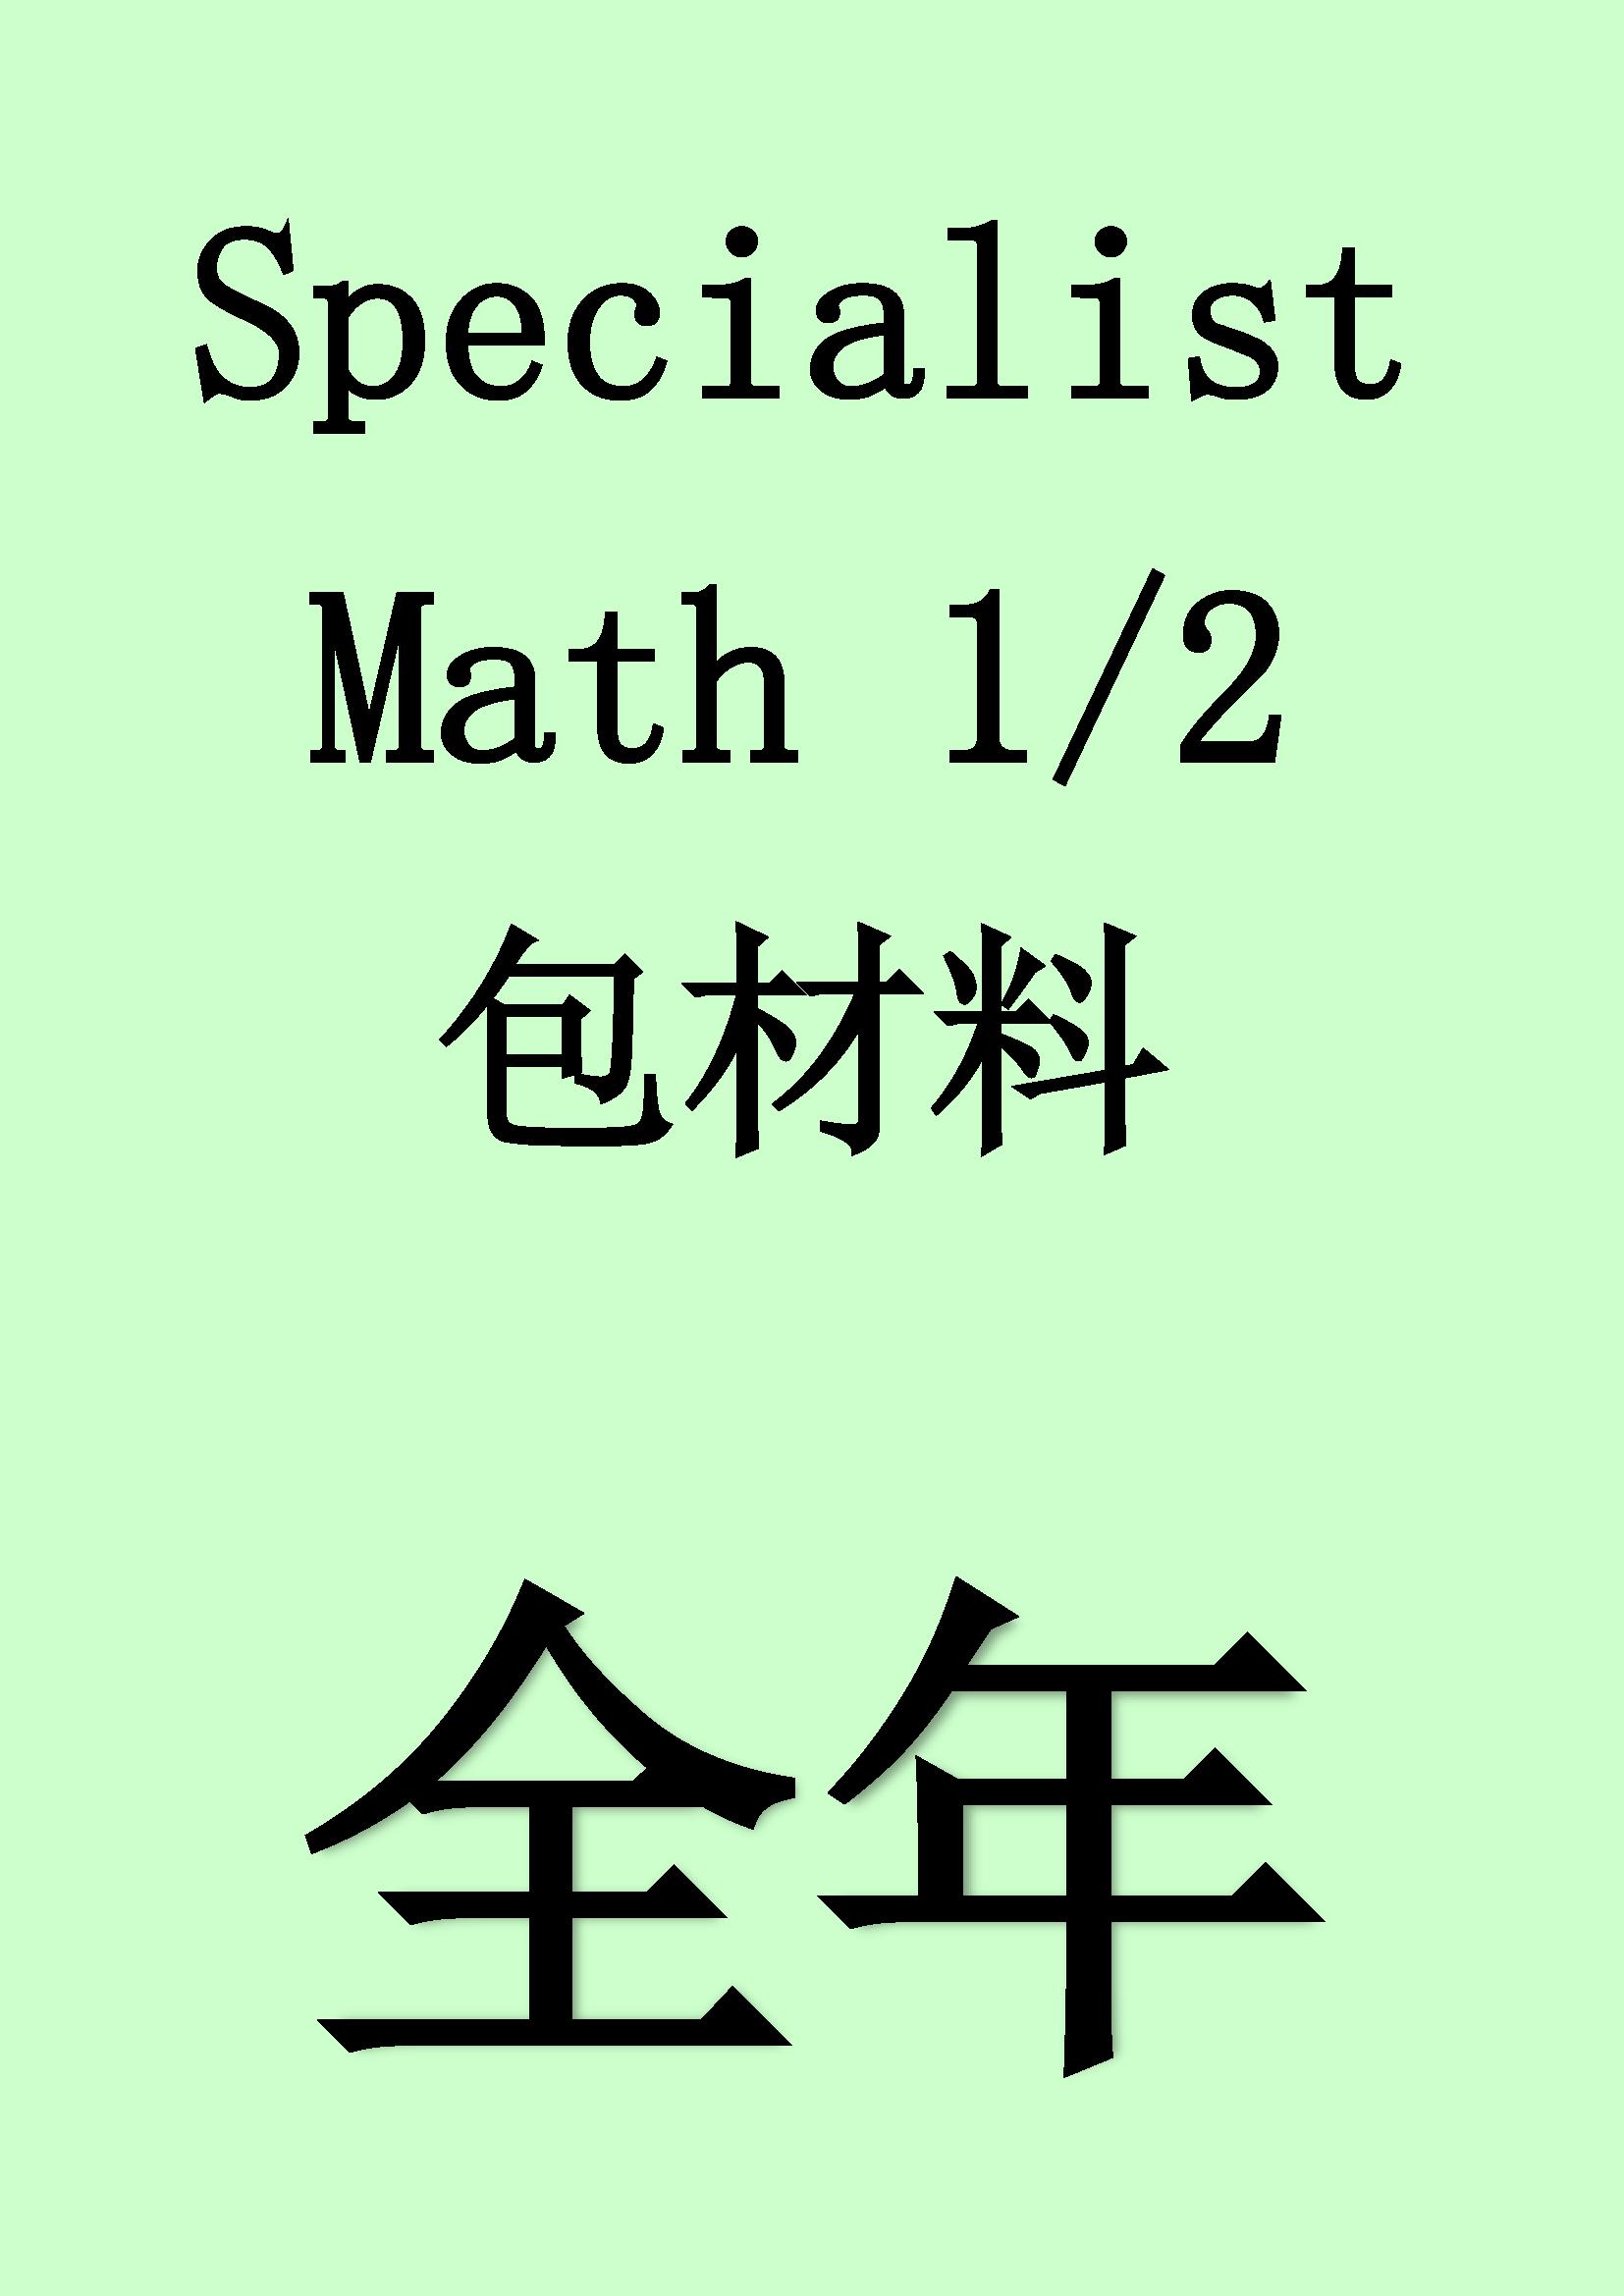 Specialist Math Unit 1/2 Full year